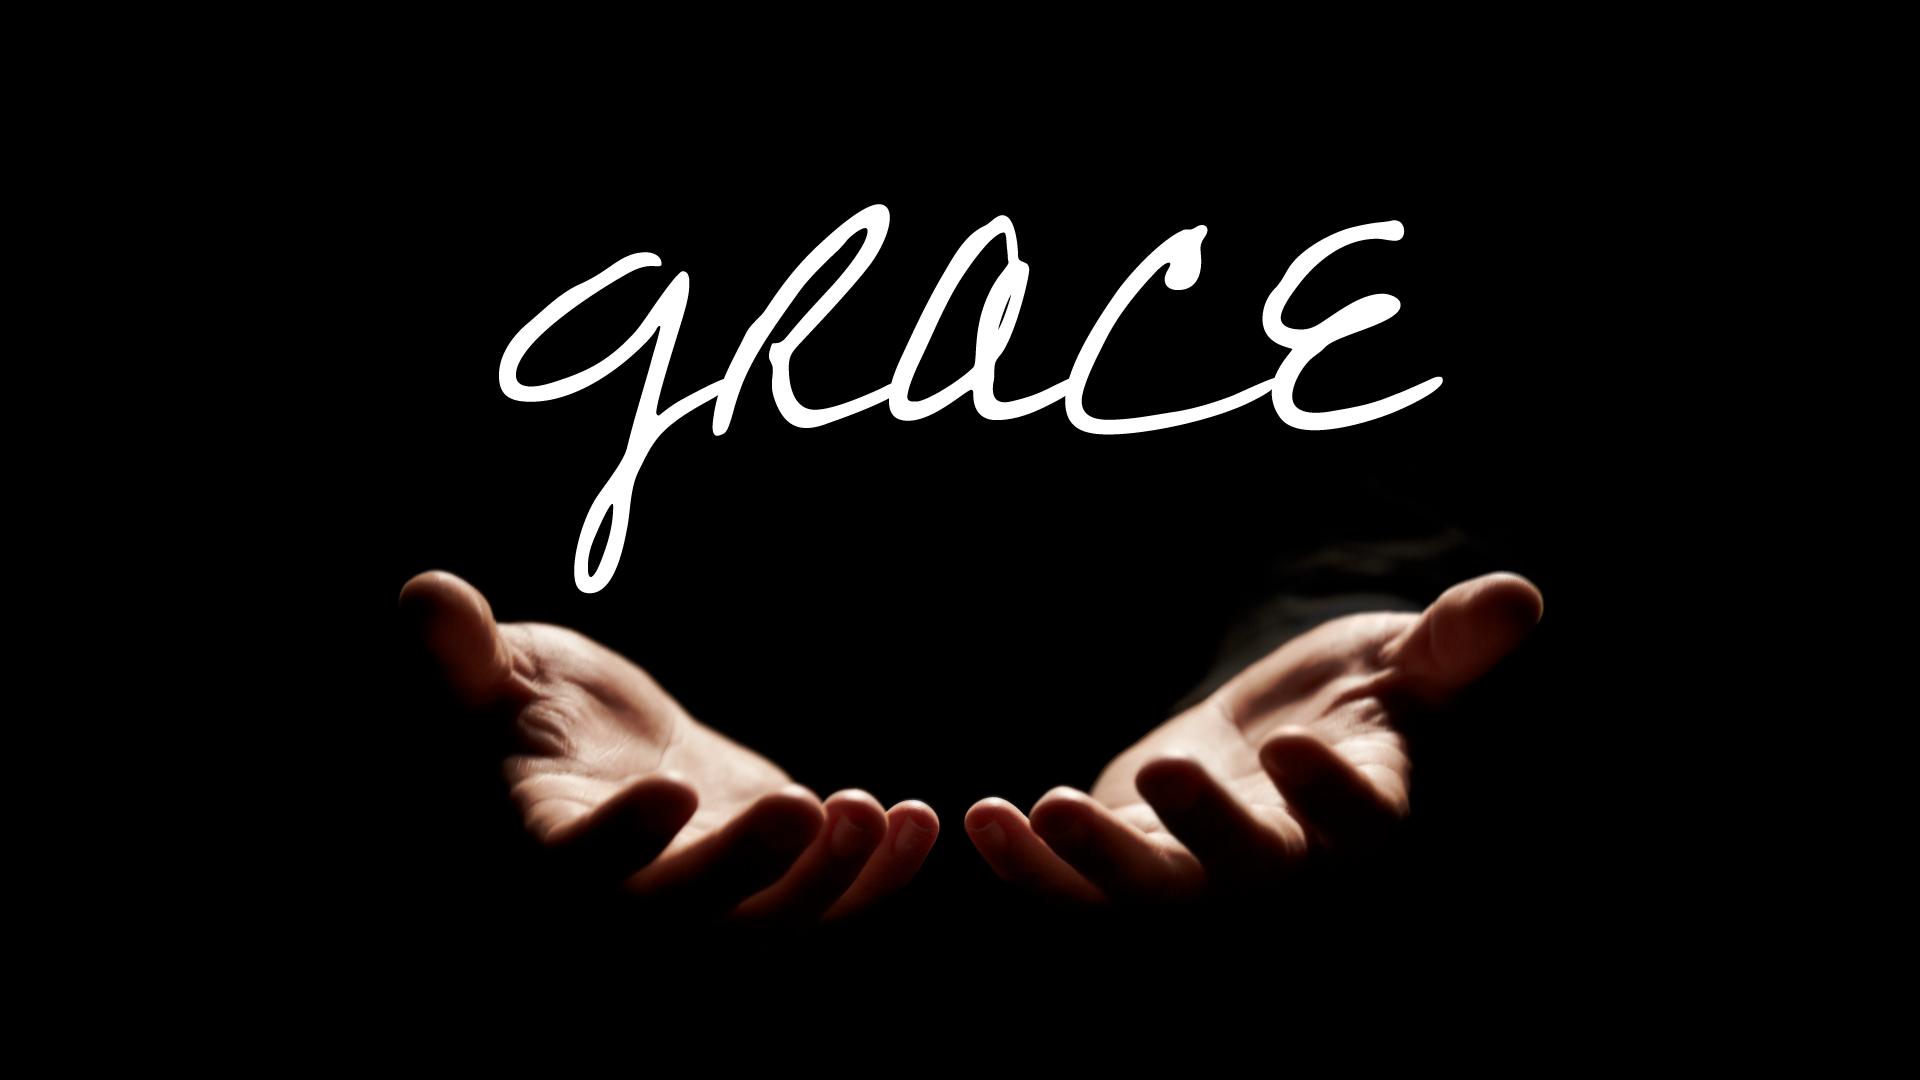 Grace-1920x1080